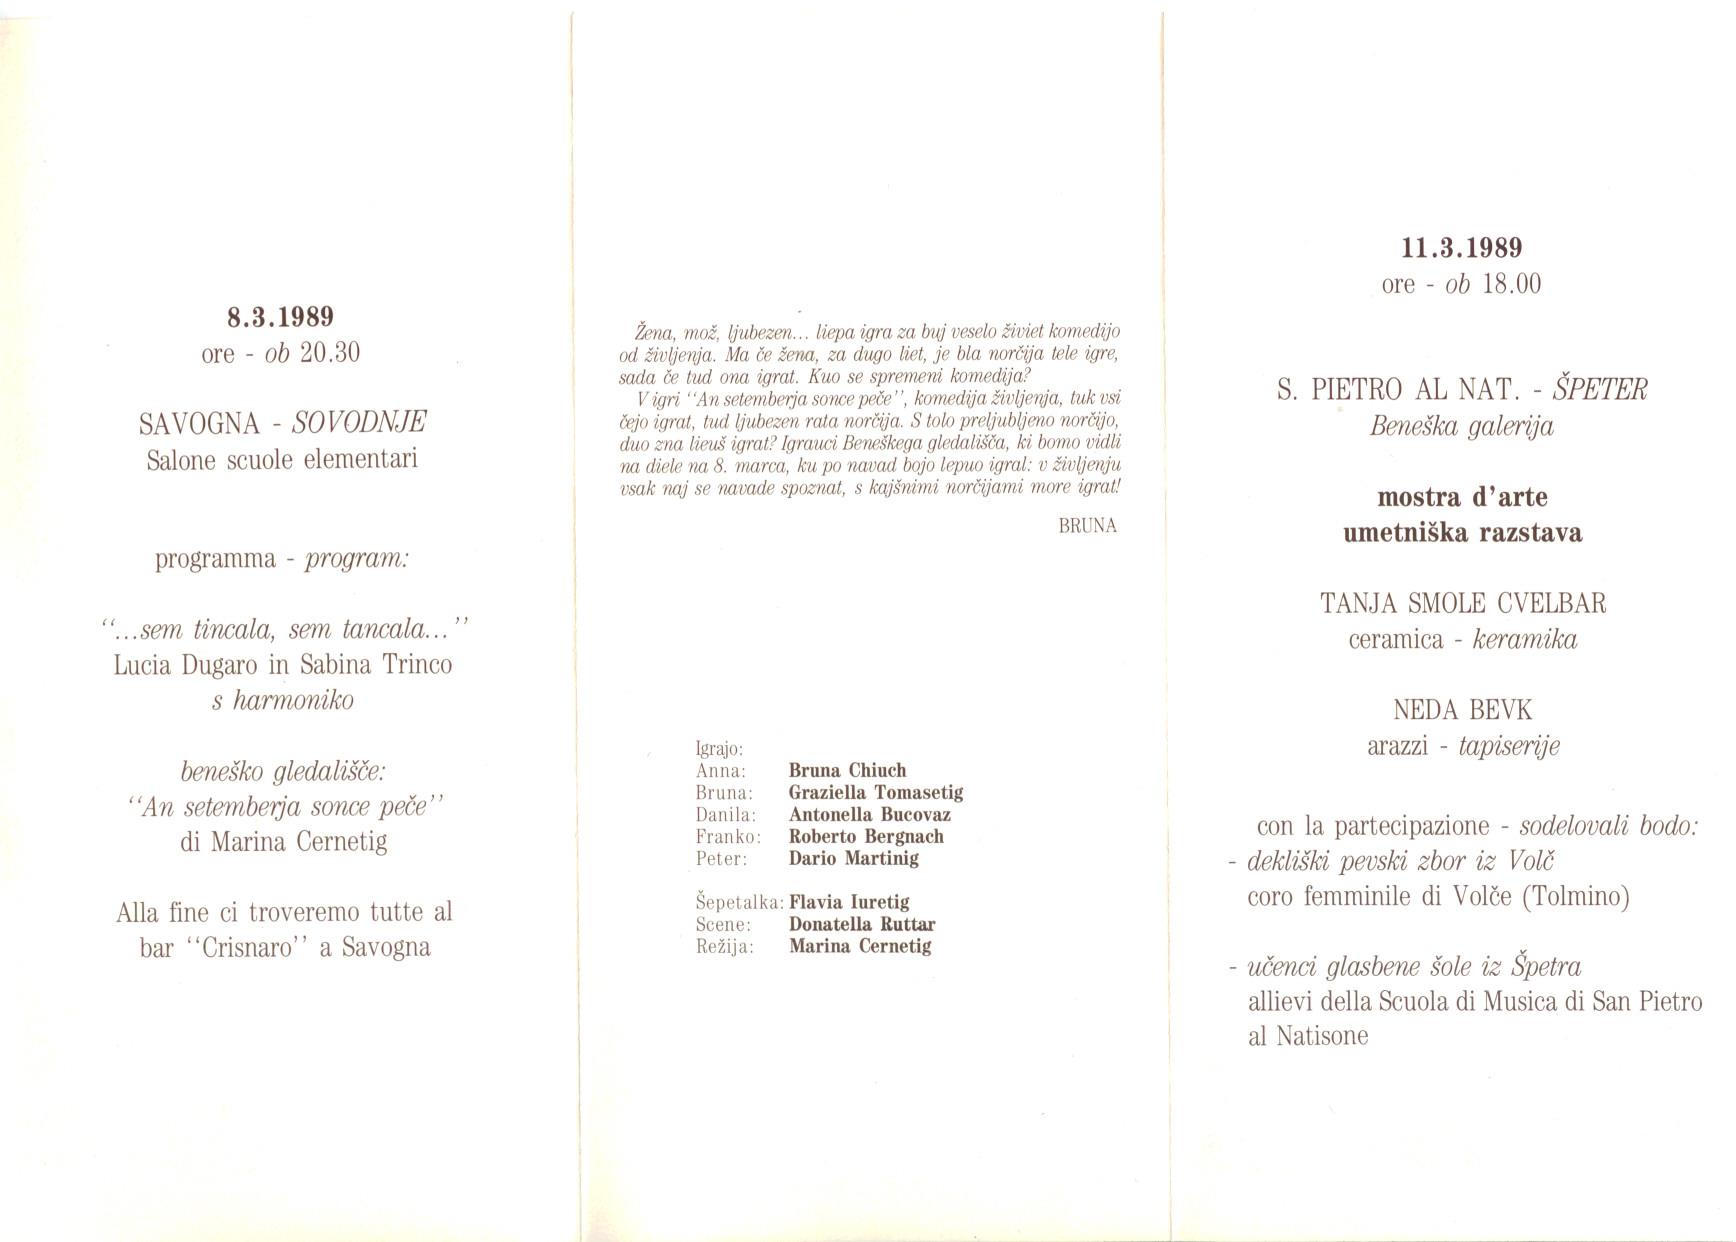 1989 - An setemberja sonce peče - Foglio di sala 2